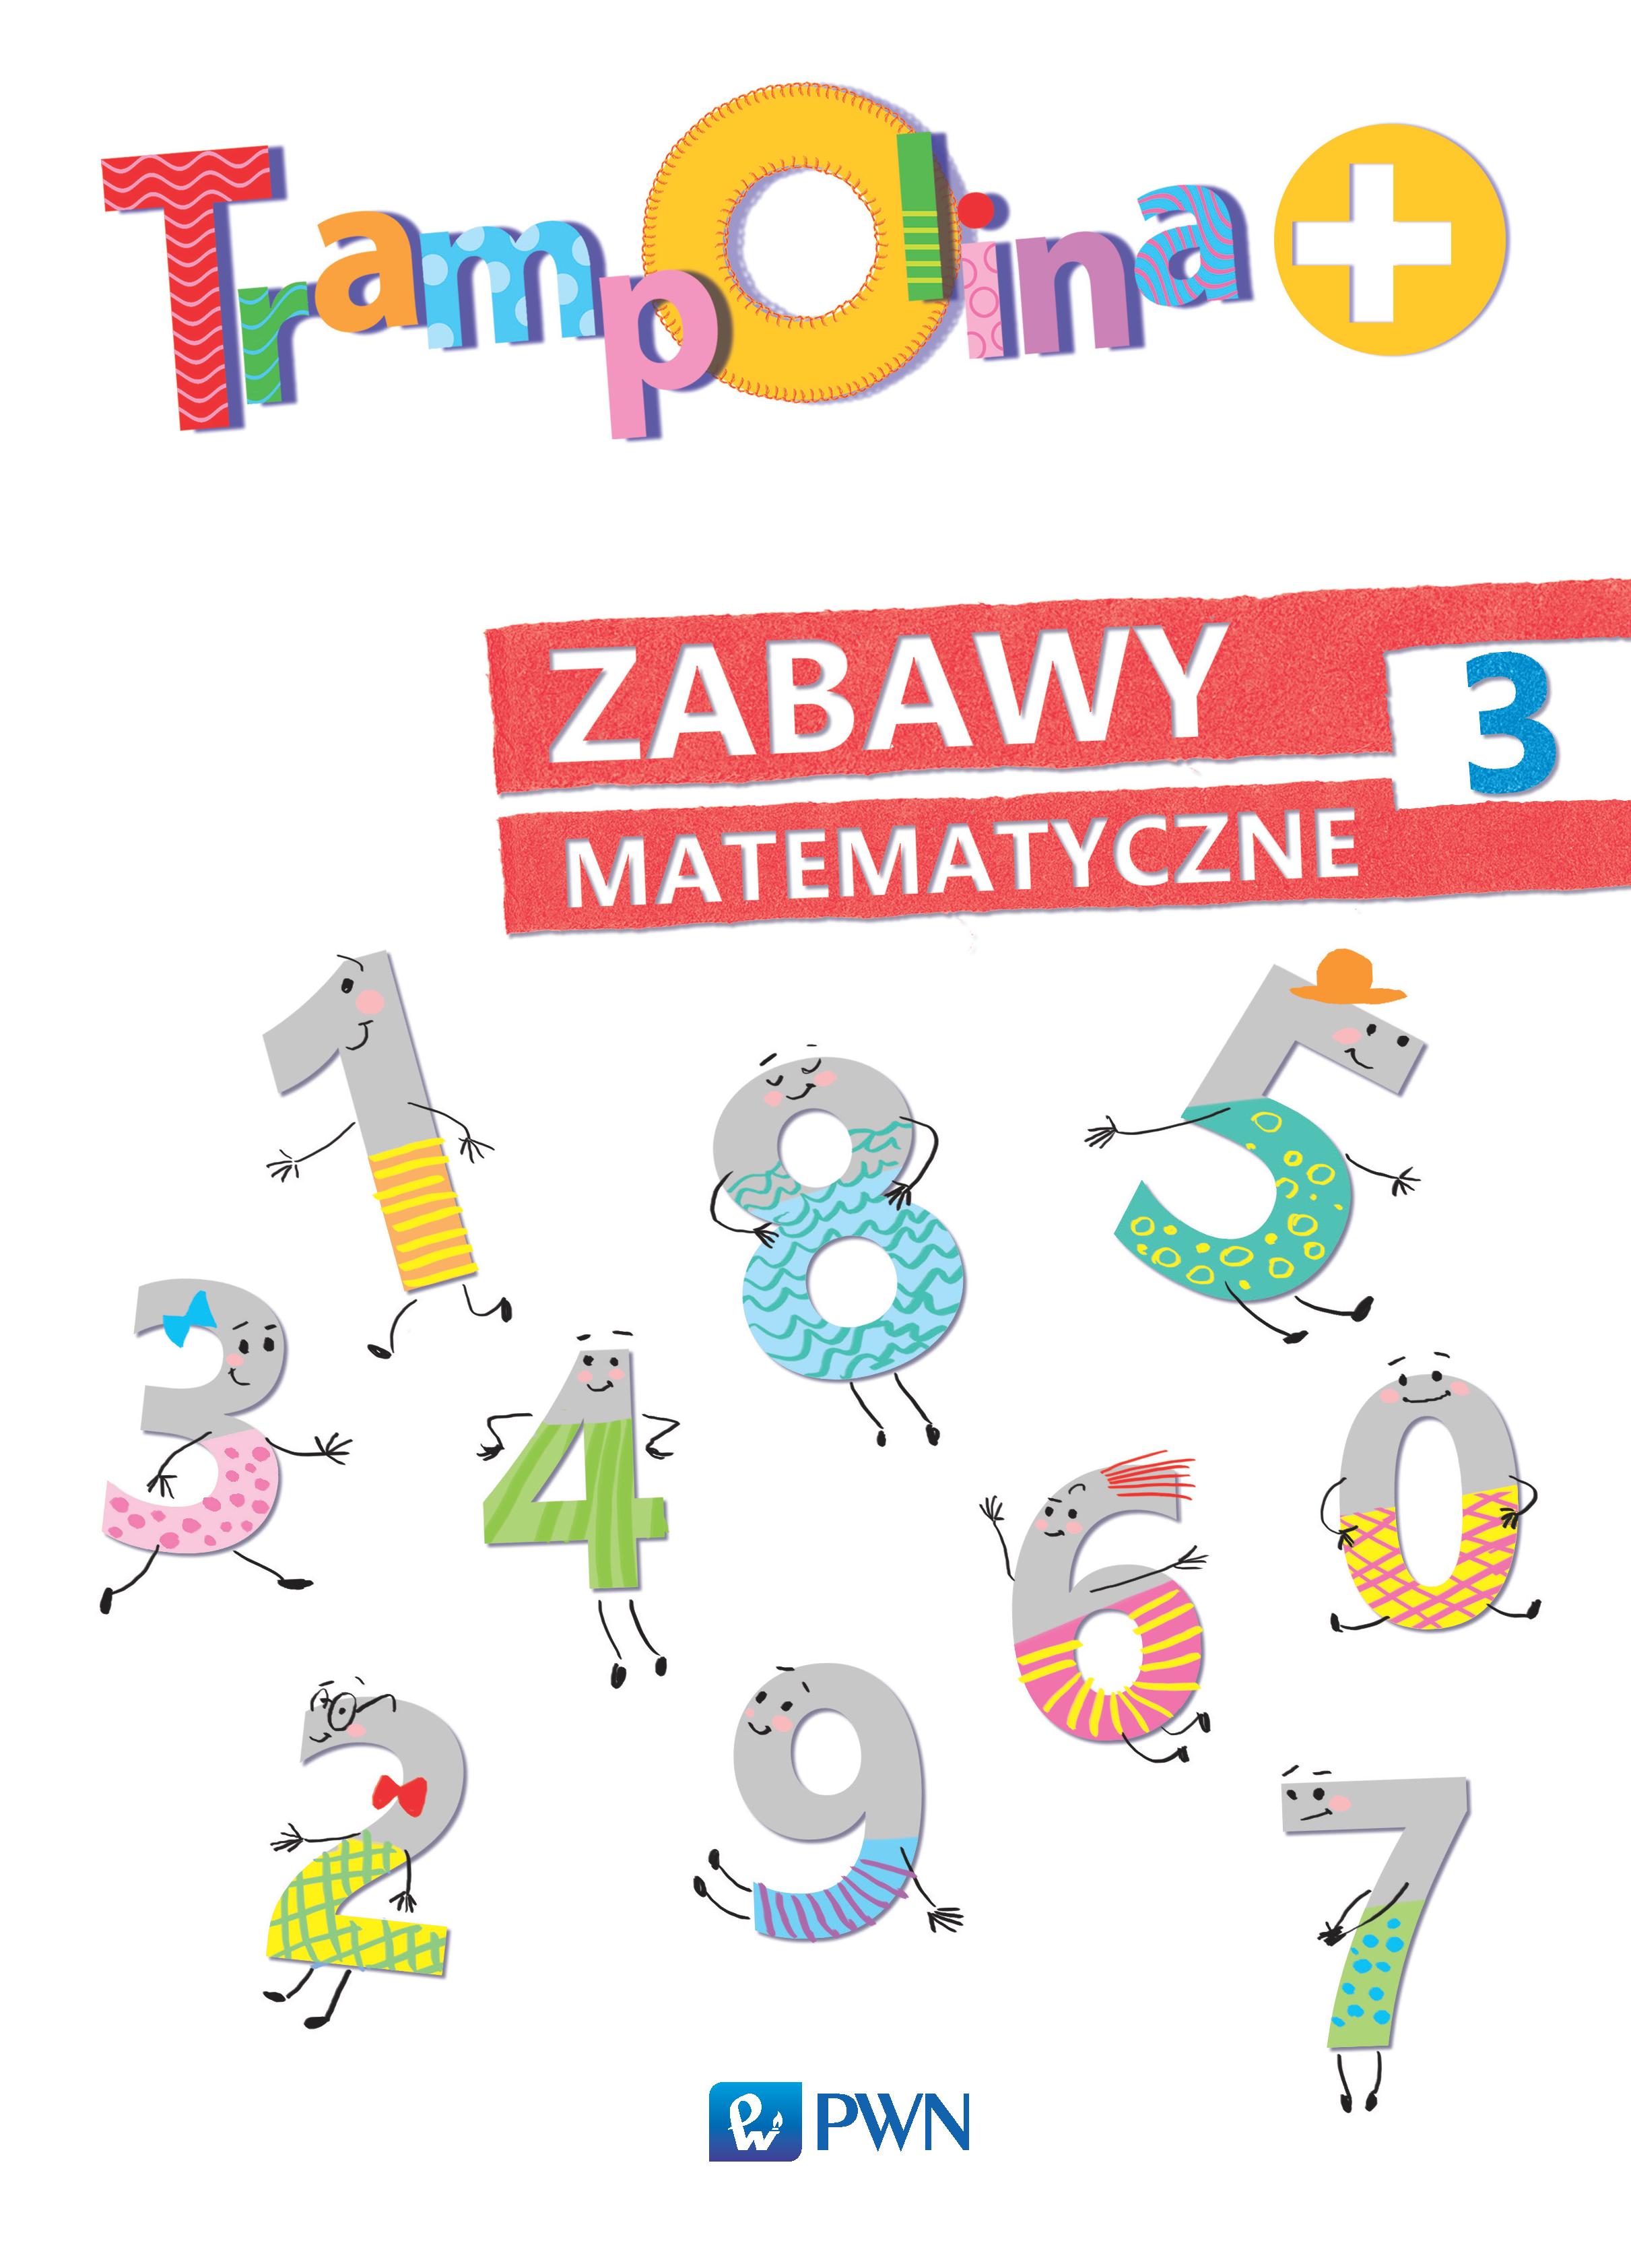 Tramp_plus_zabawy_matematyczne.png